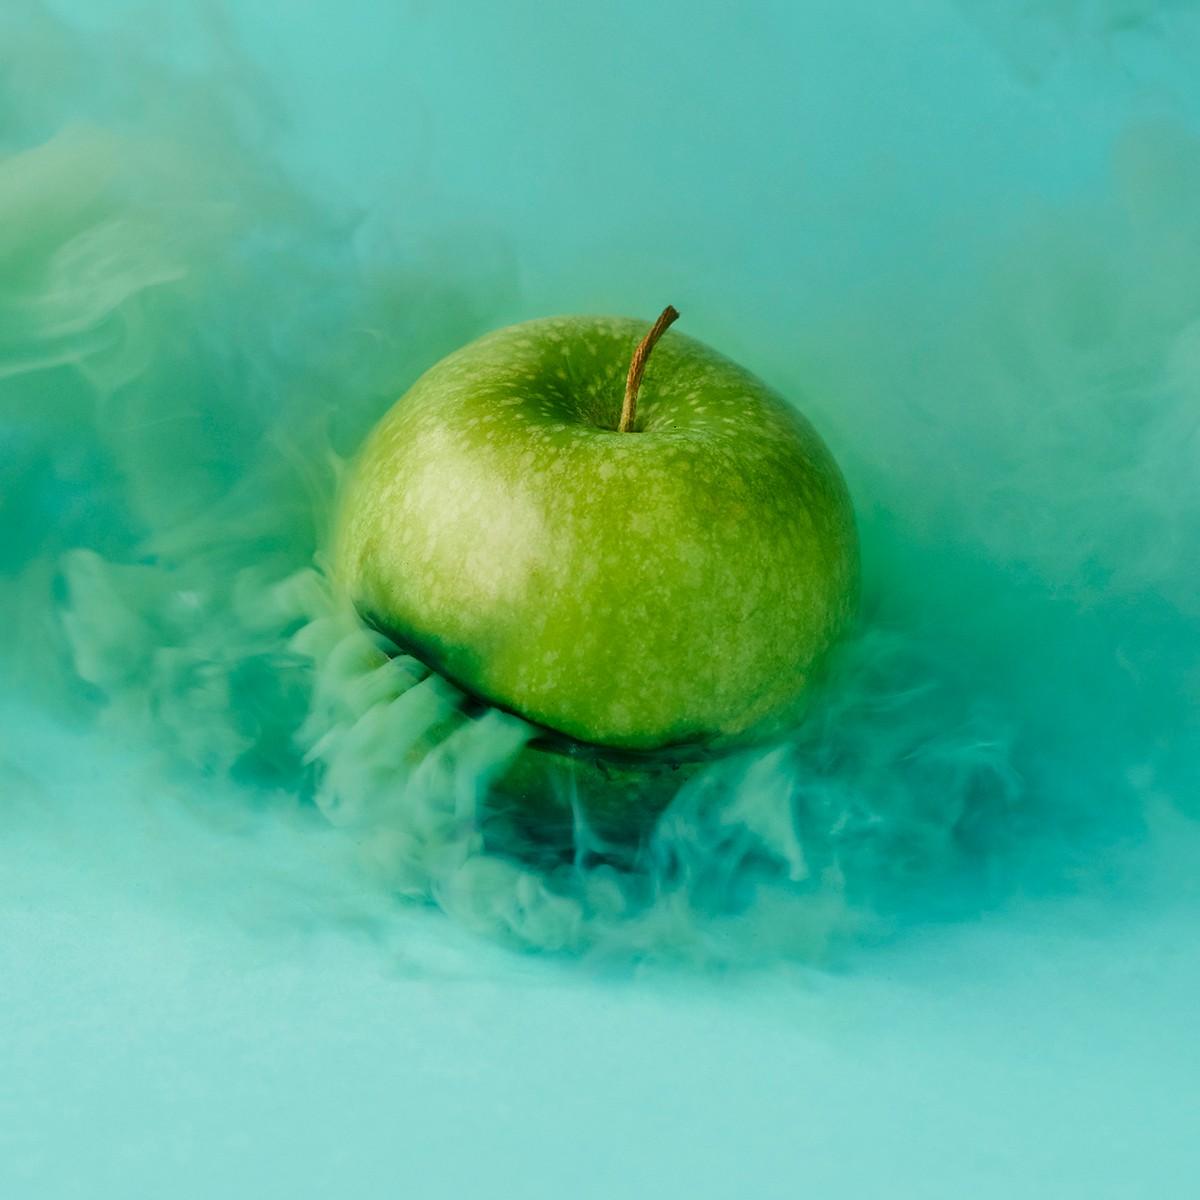 Тайная жизнь фруктов и овощей на снимках Мацека Ясика